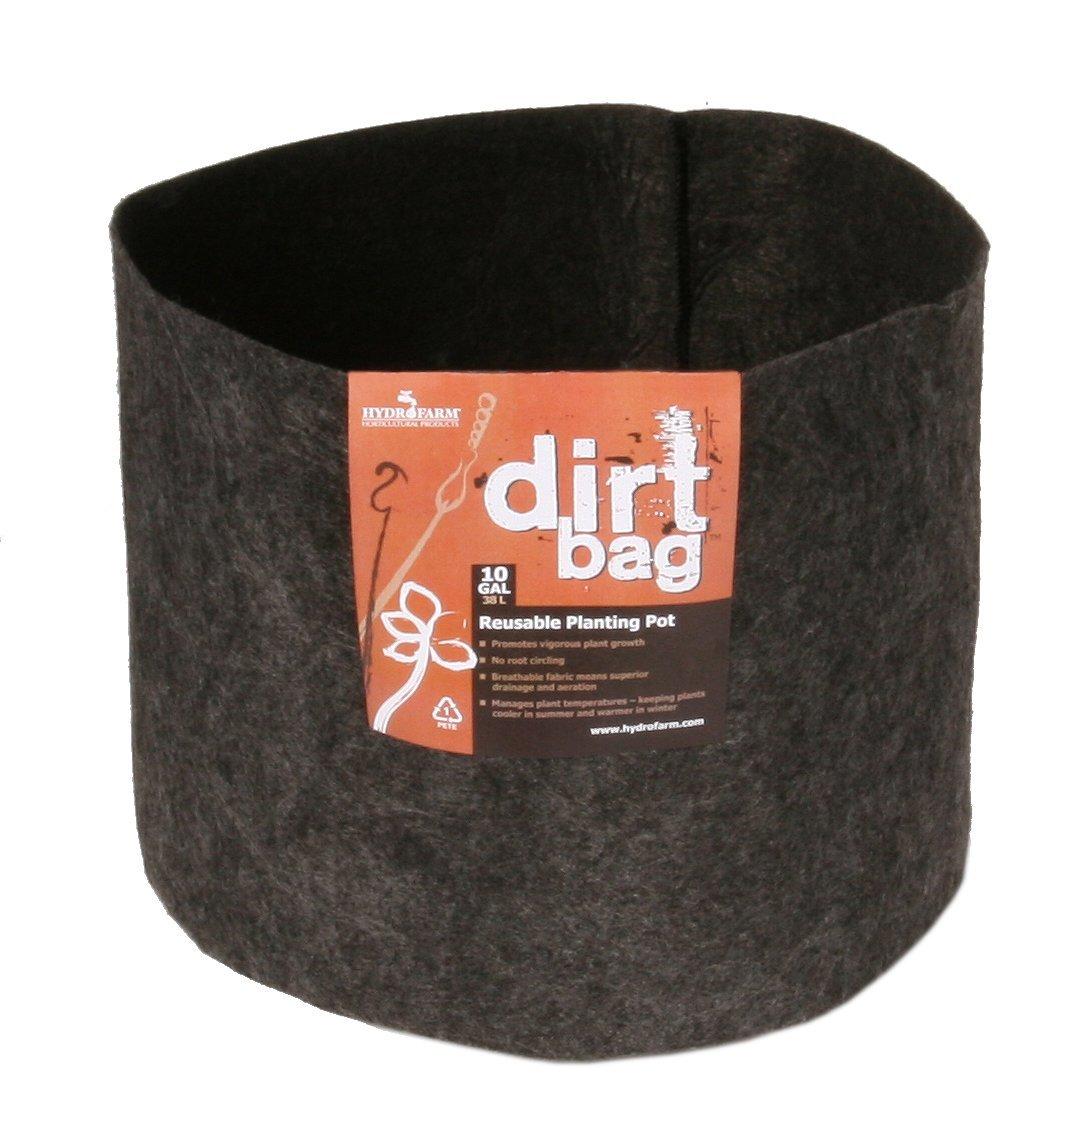 Dirt Pot 10 Gallon No Handles